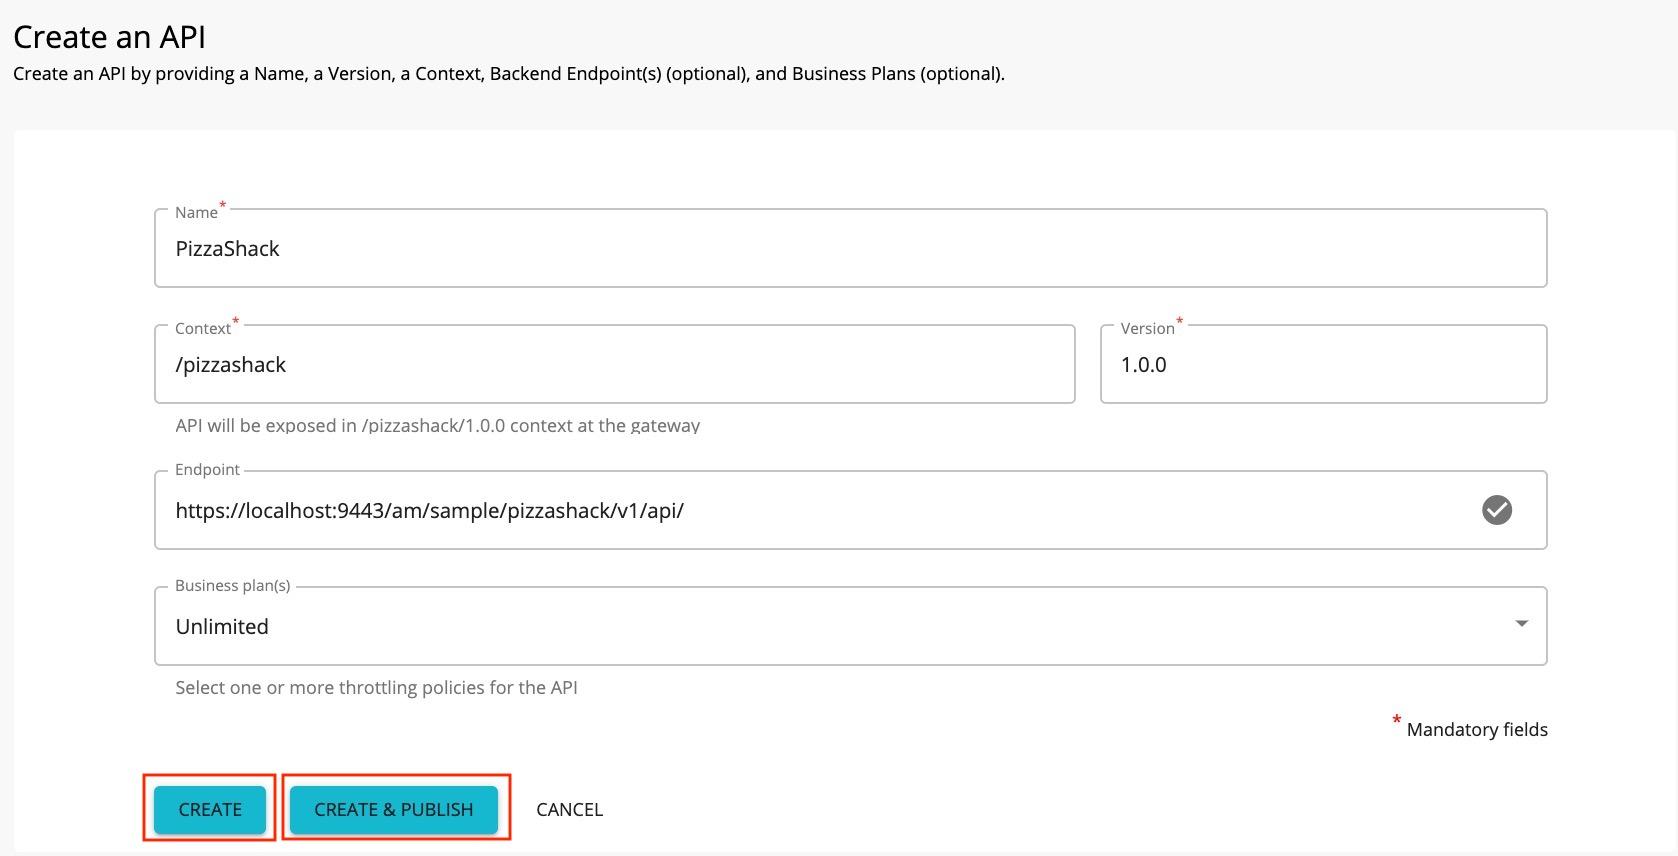 Create an API page